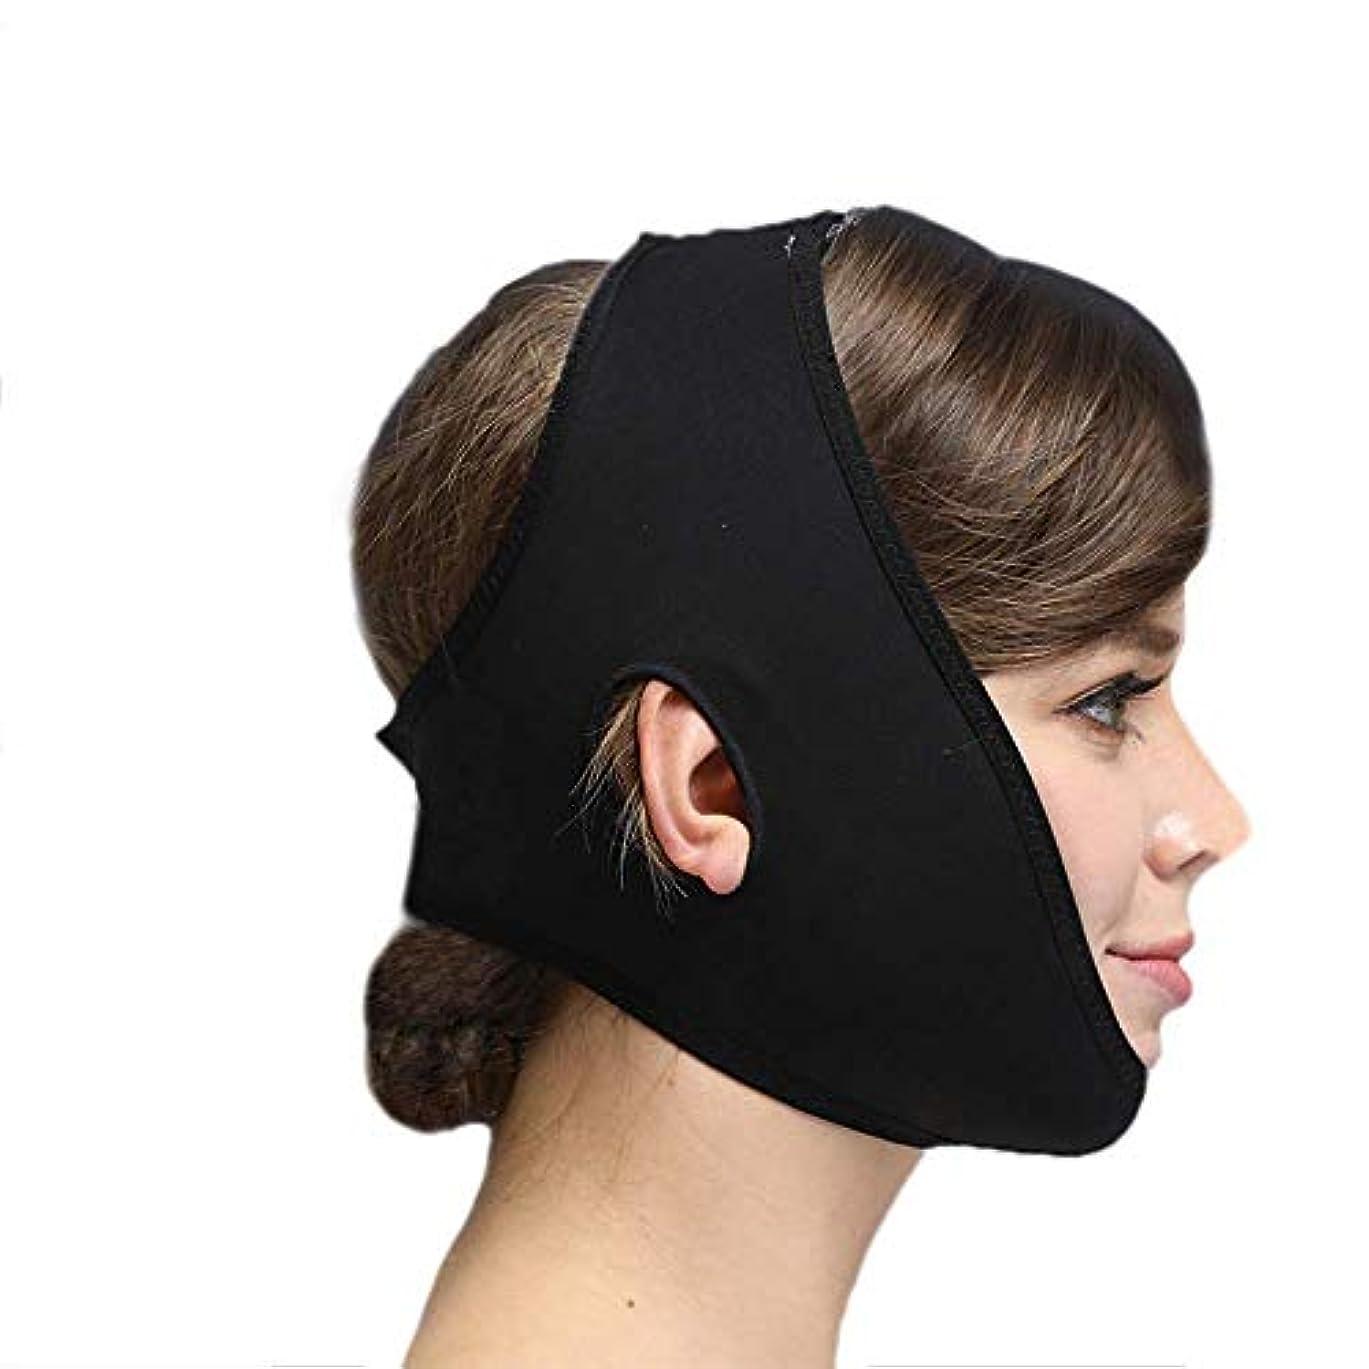 異なるモノグラフプラスチックフェイススリミングマスク、快適さと通気性、フェイシャルリフティング、輪郭の改善された硬さ、ファーミングとリフティングフェイス(カラー:ブラック、サイズ:XL),ブラック2、XXL